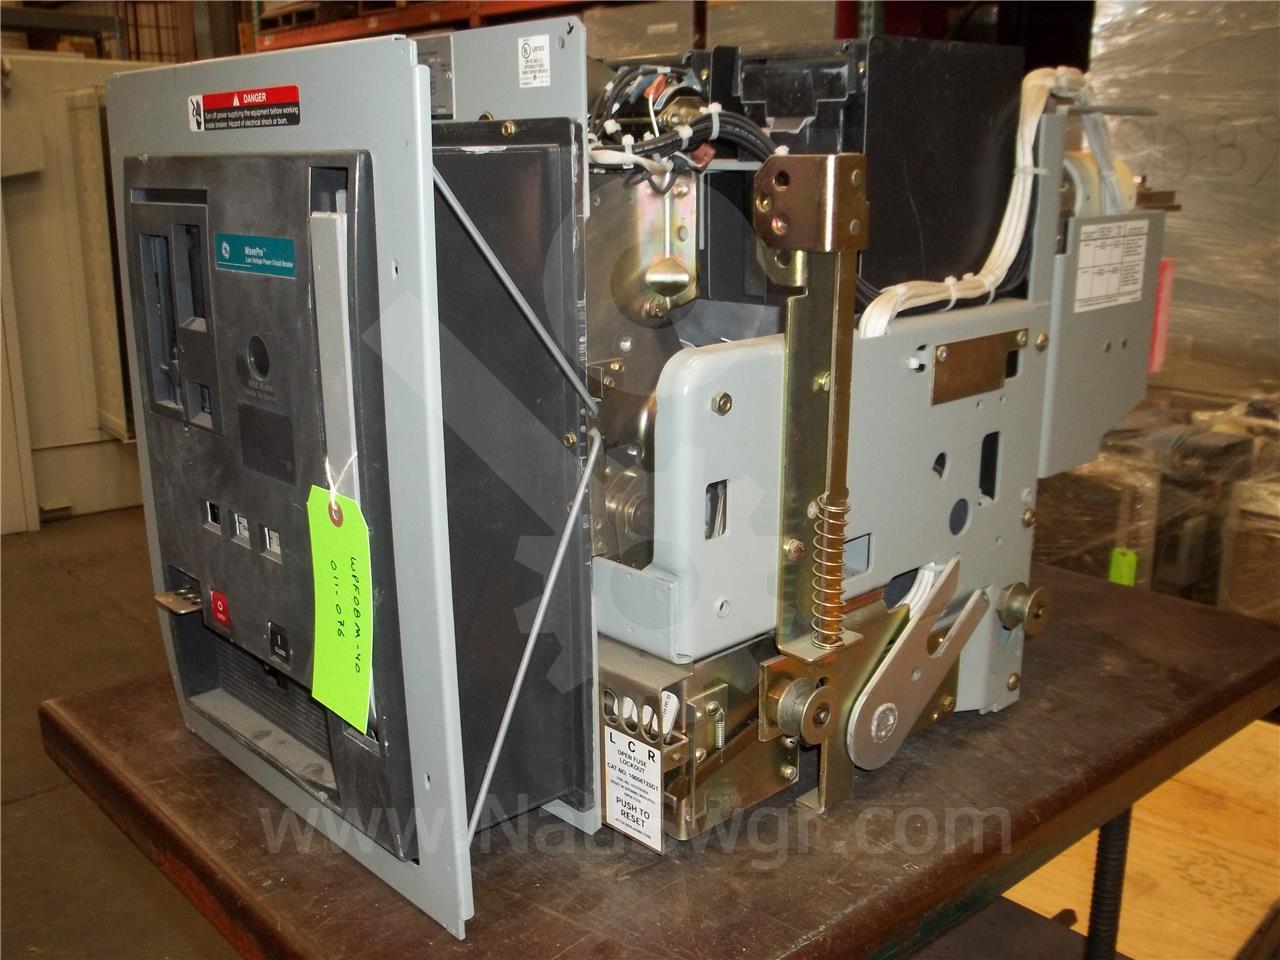 WPF-08 WEKBNP3XX1AXXBX 800A GE / General Electric MO/DO WEKBNP3XX1AXXBX